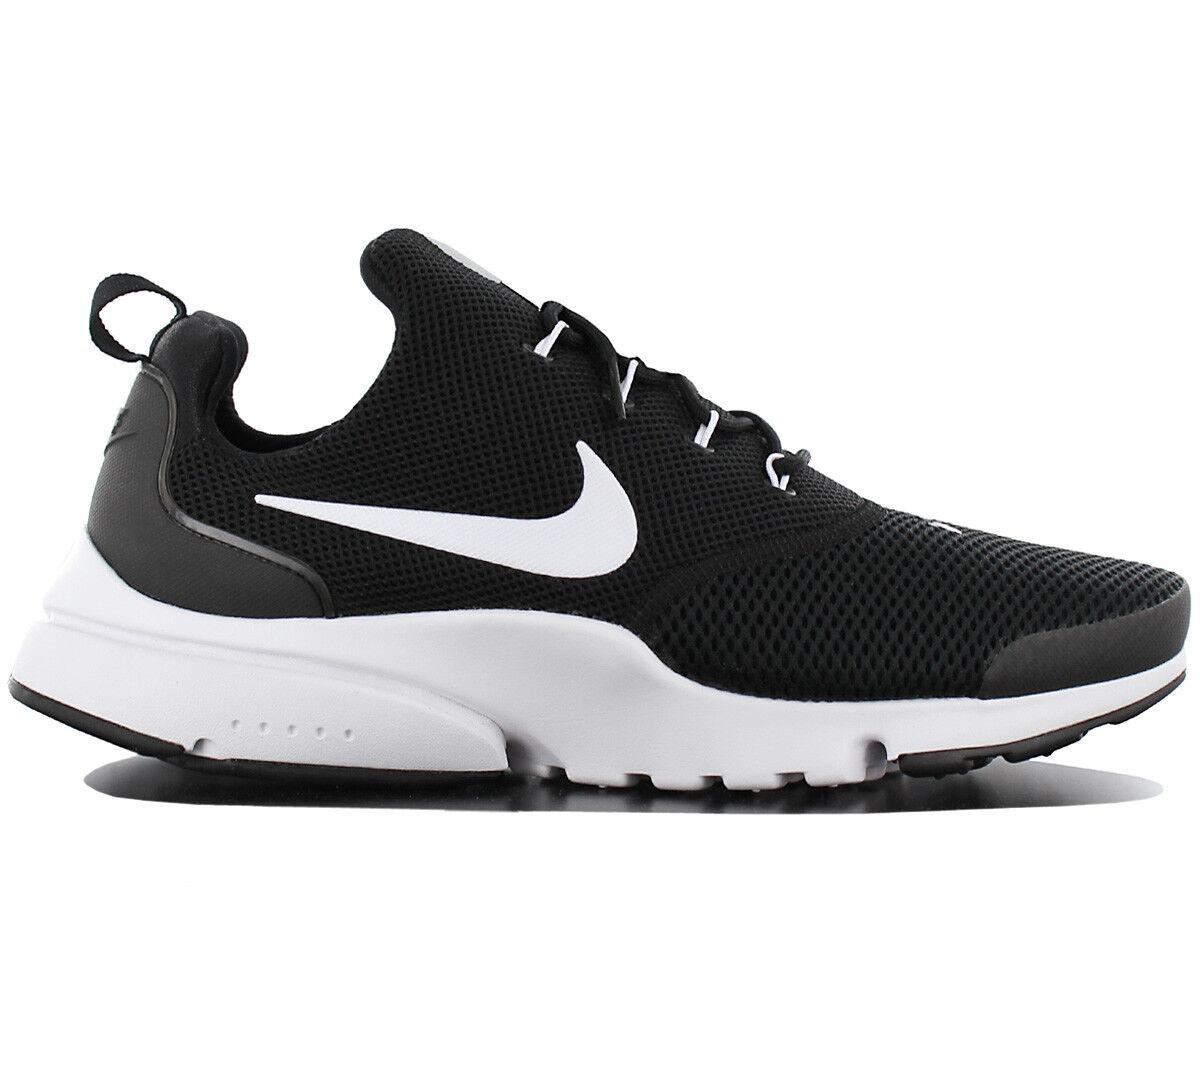 Nike Presto Fly Herren Schuhe Schwarz Sneaker Turnschuhe Freizeit 908019-002 NEU